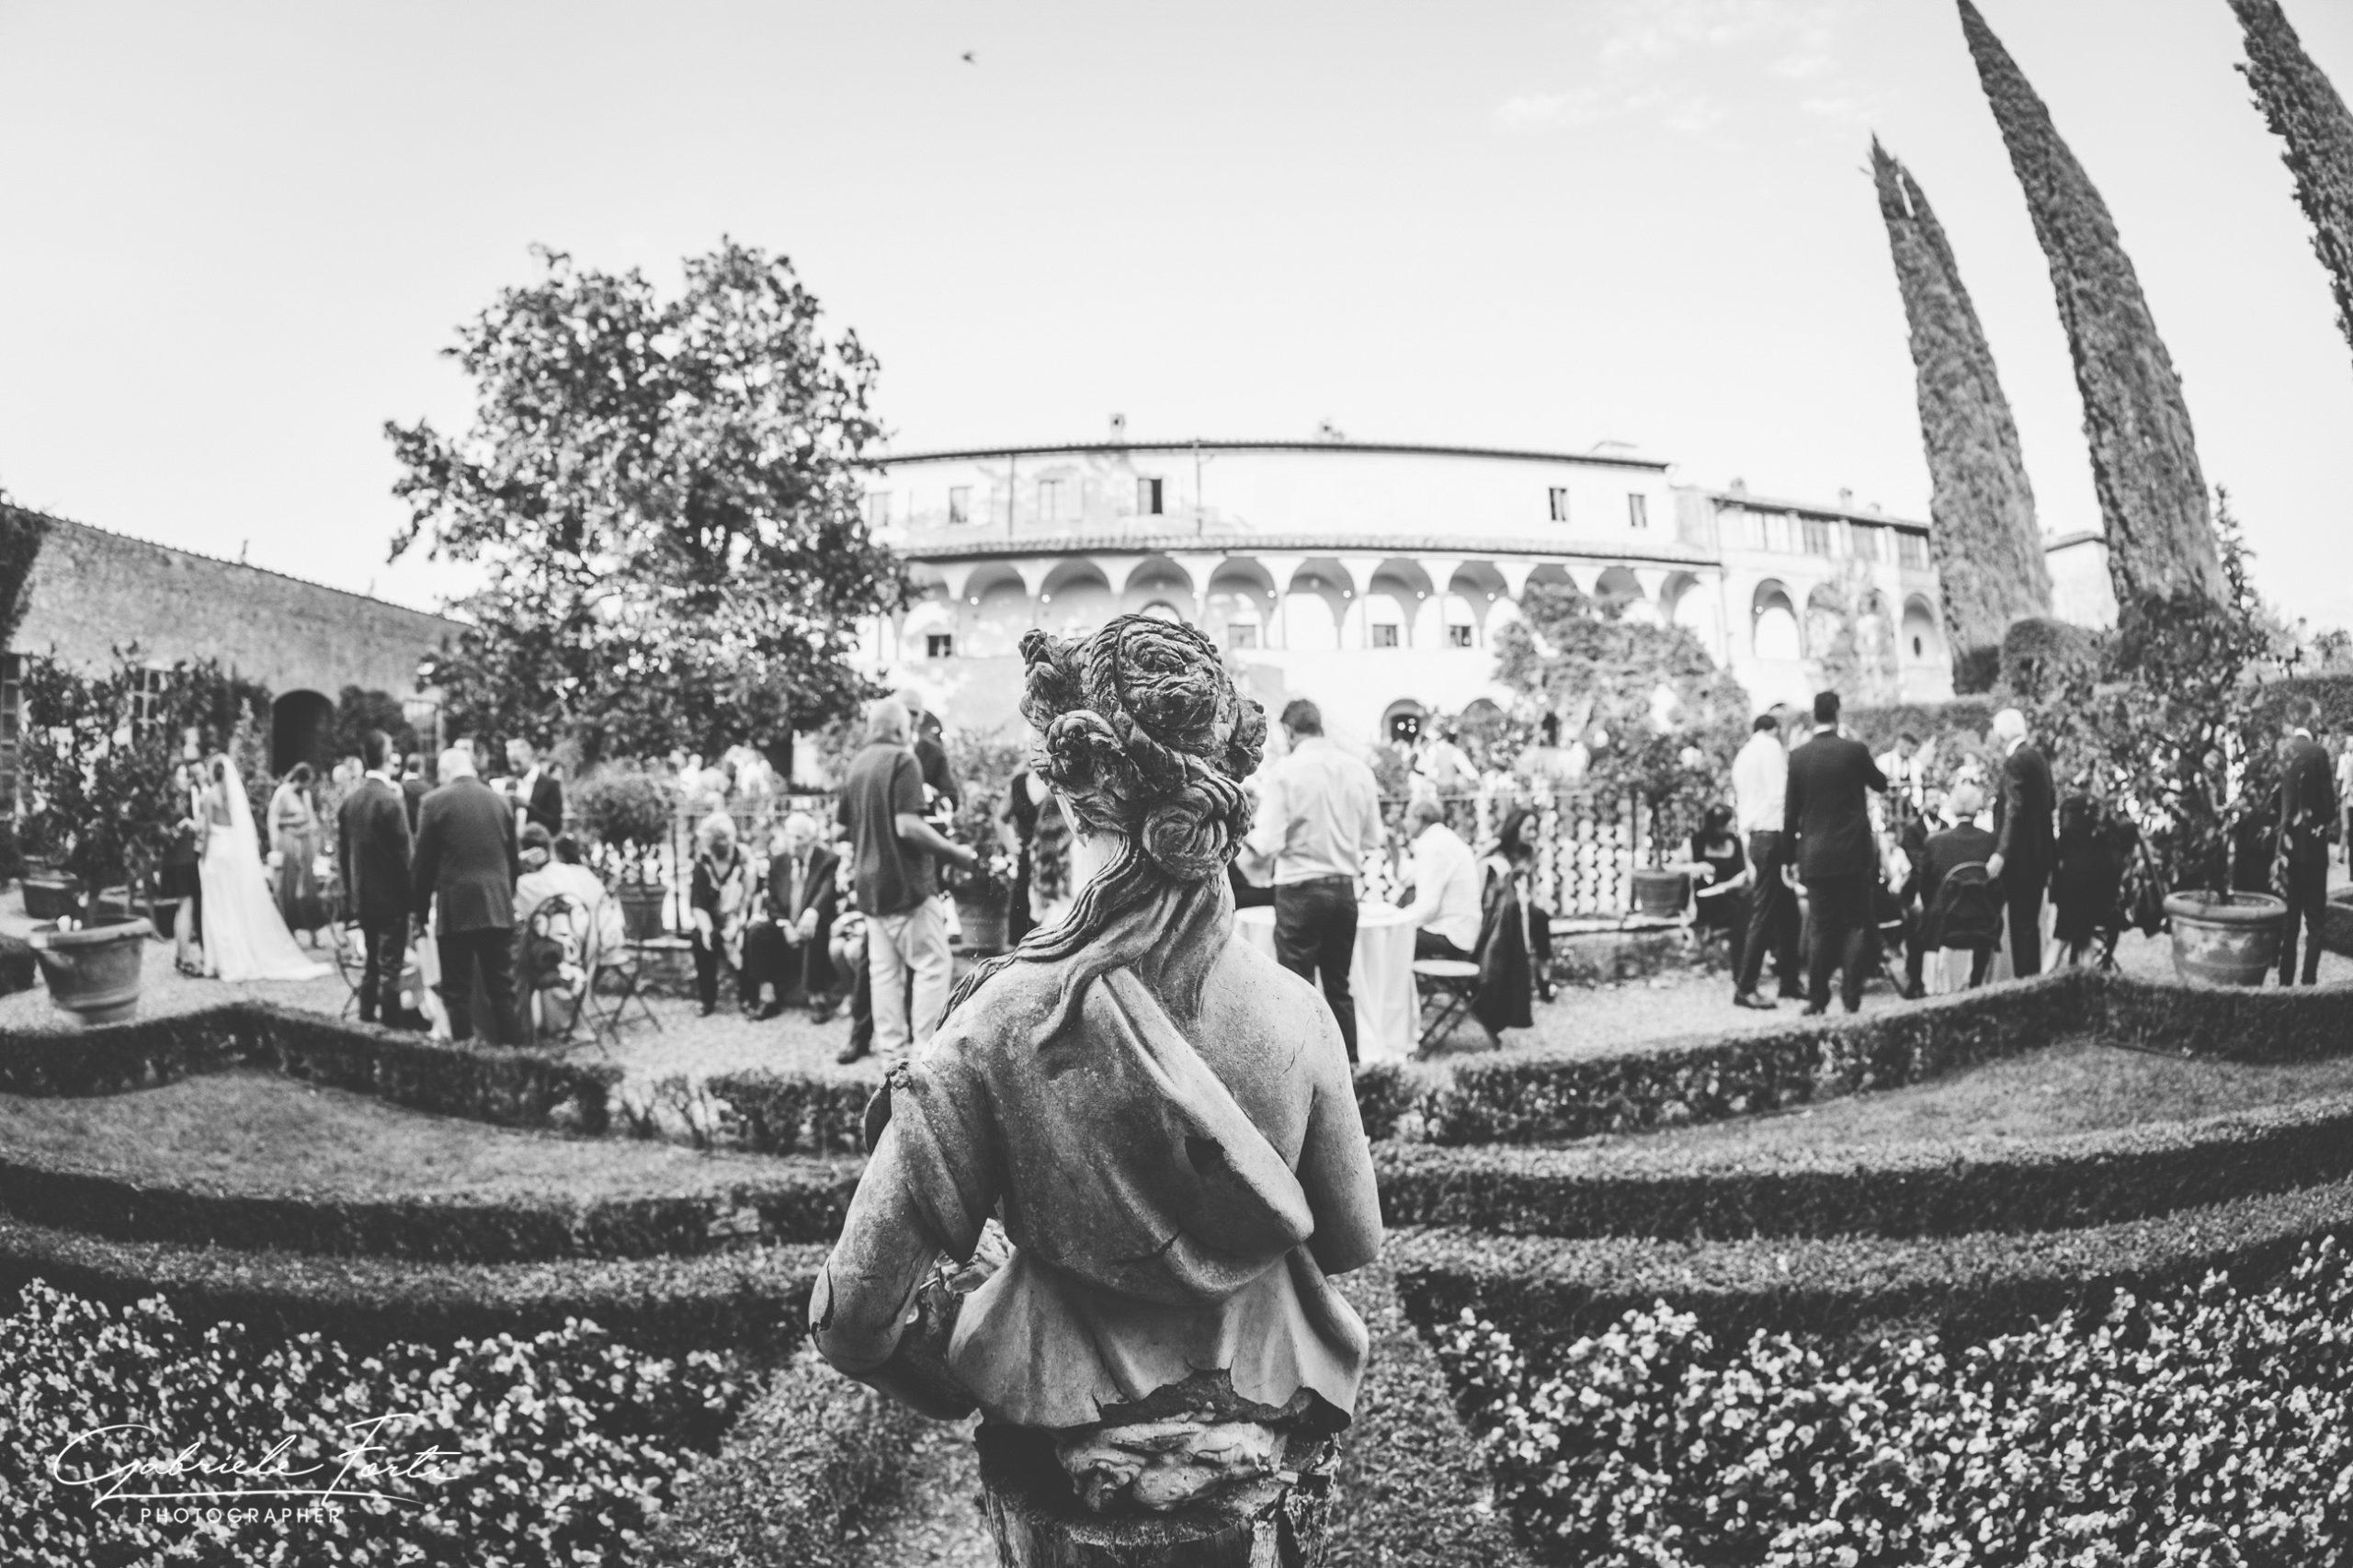 wedding-tuscany-siena-firenze-pienza-montepulciano-la-certosa-di-pontignano-sposarsi-in-toscana-foto-forti-gabriele-5